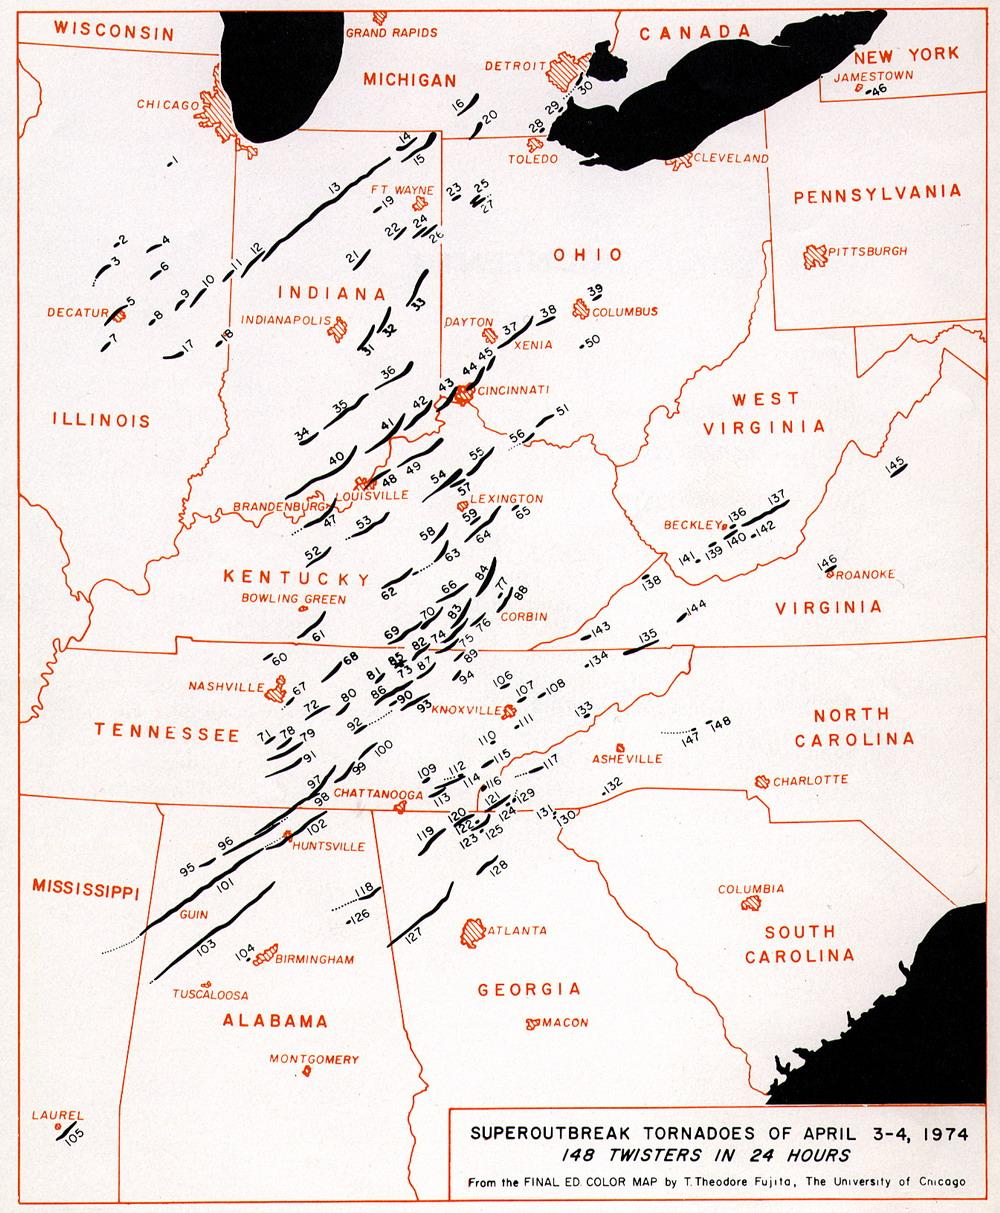 Карта путей торнадо, США